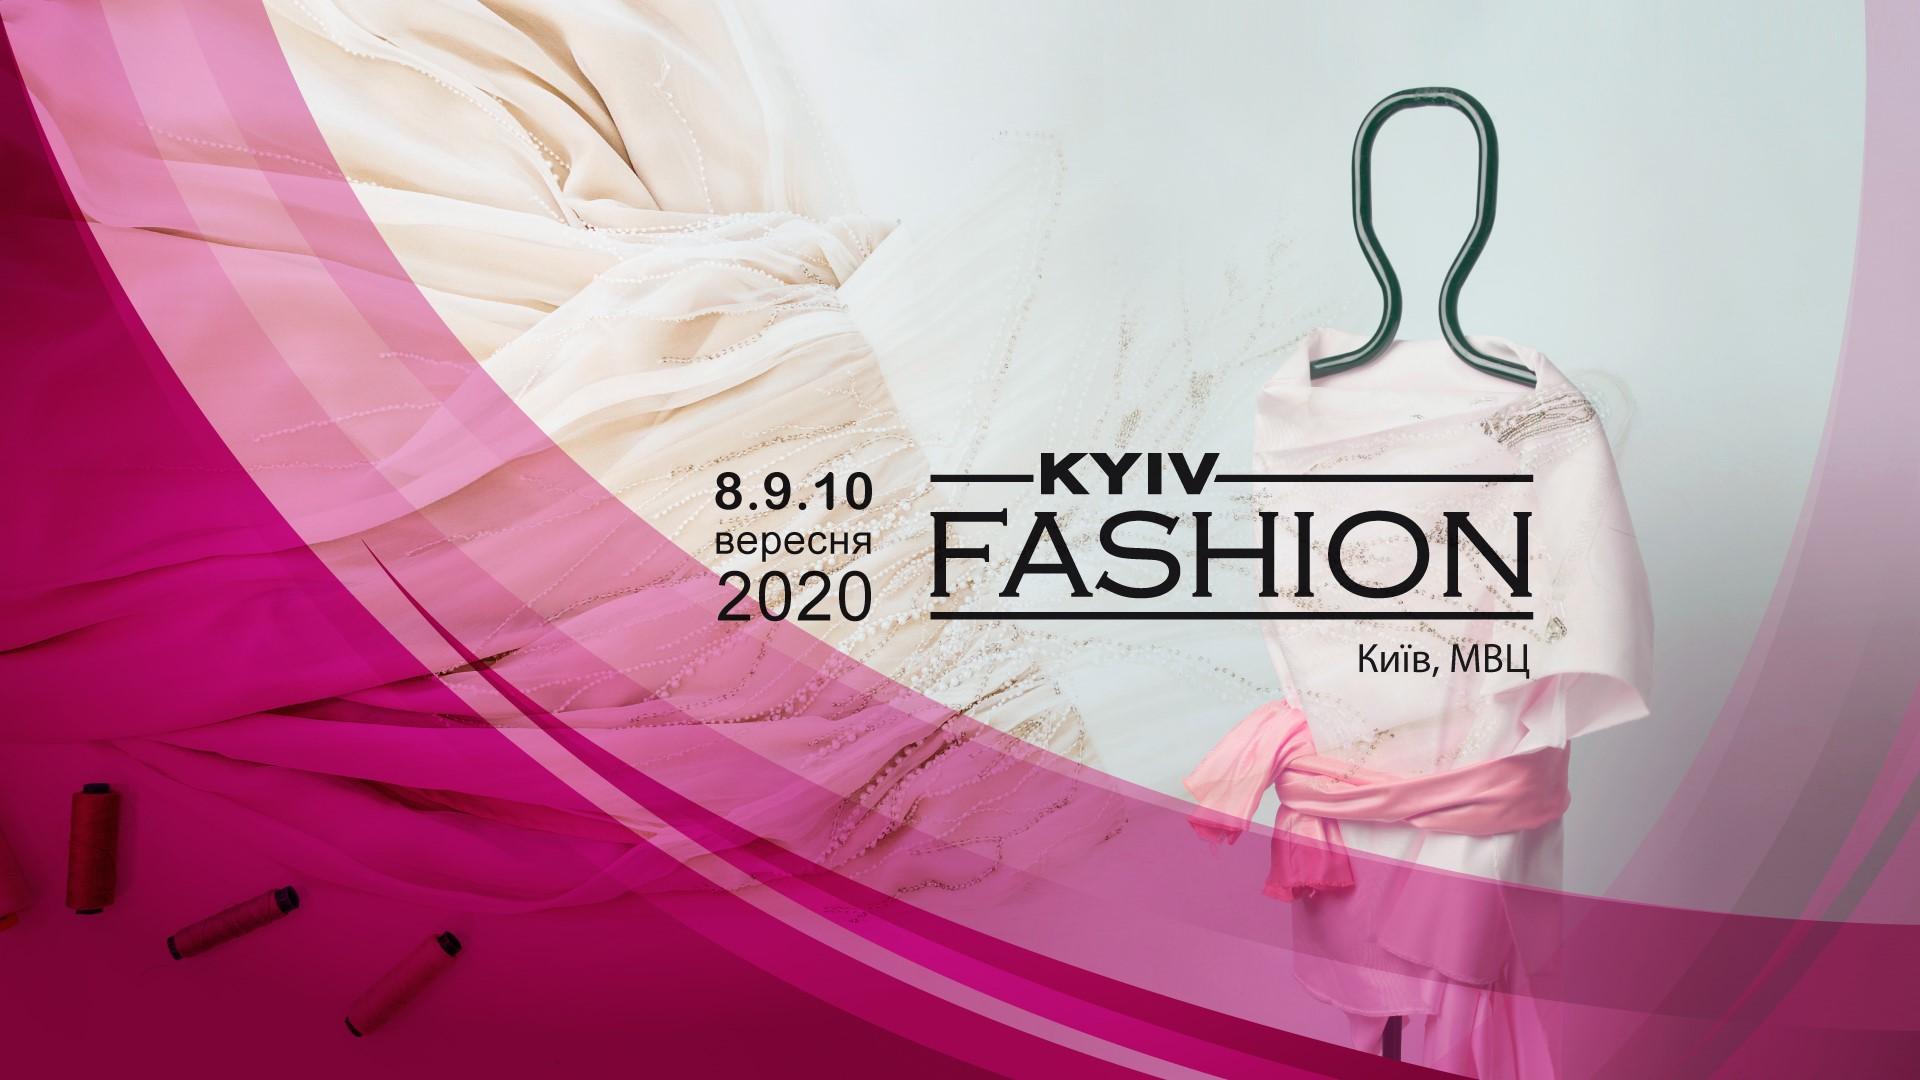 39-й Міжнародний фестиваль моди Kyiv Fashion